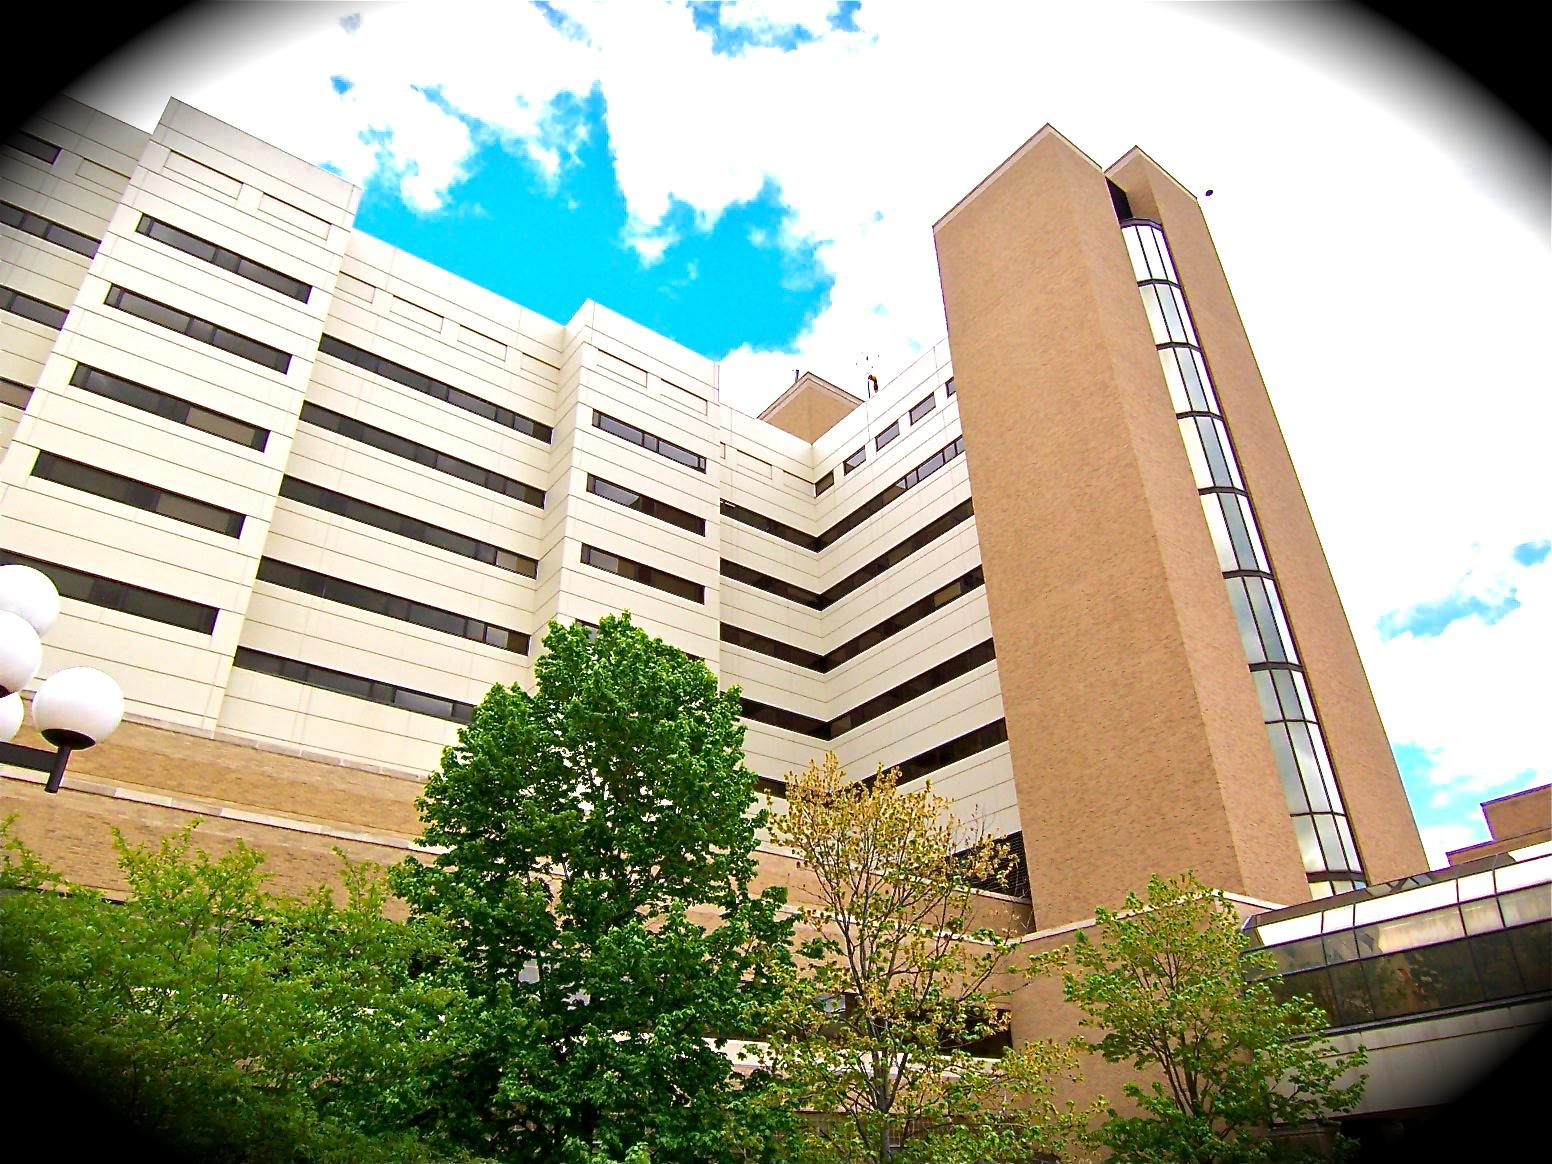 U of M. hospitals